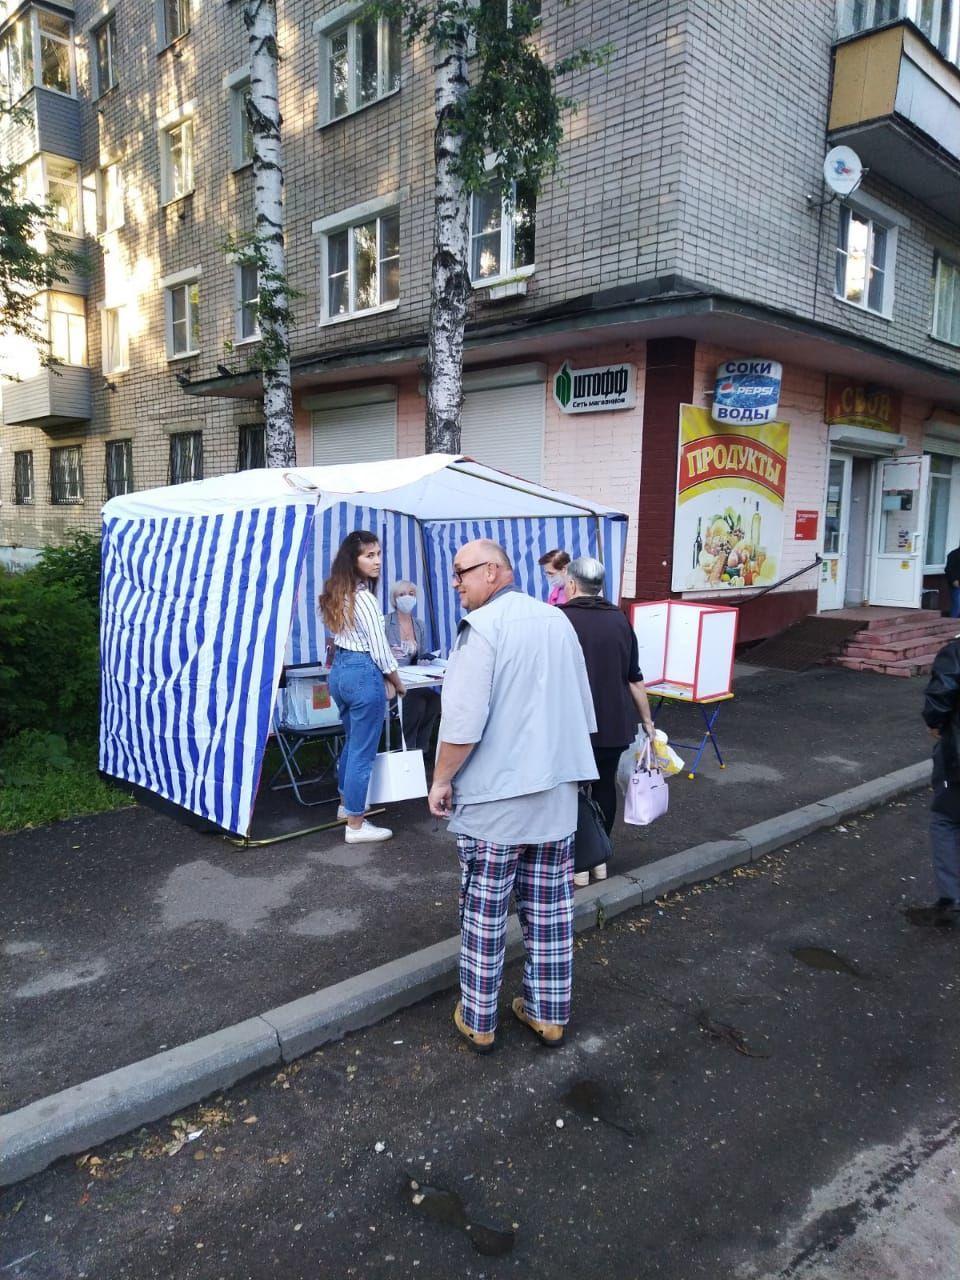 В Роспотребнадзоре голосование на улице назвали безопасным